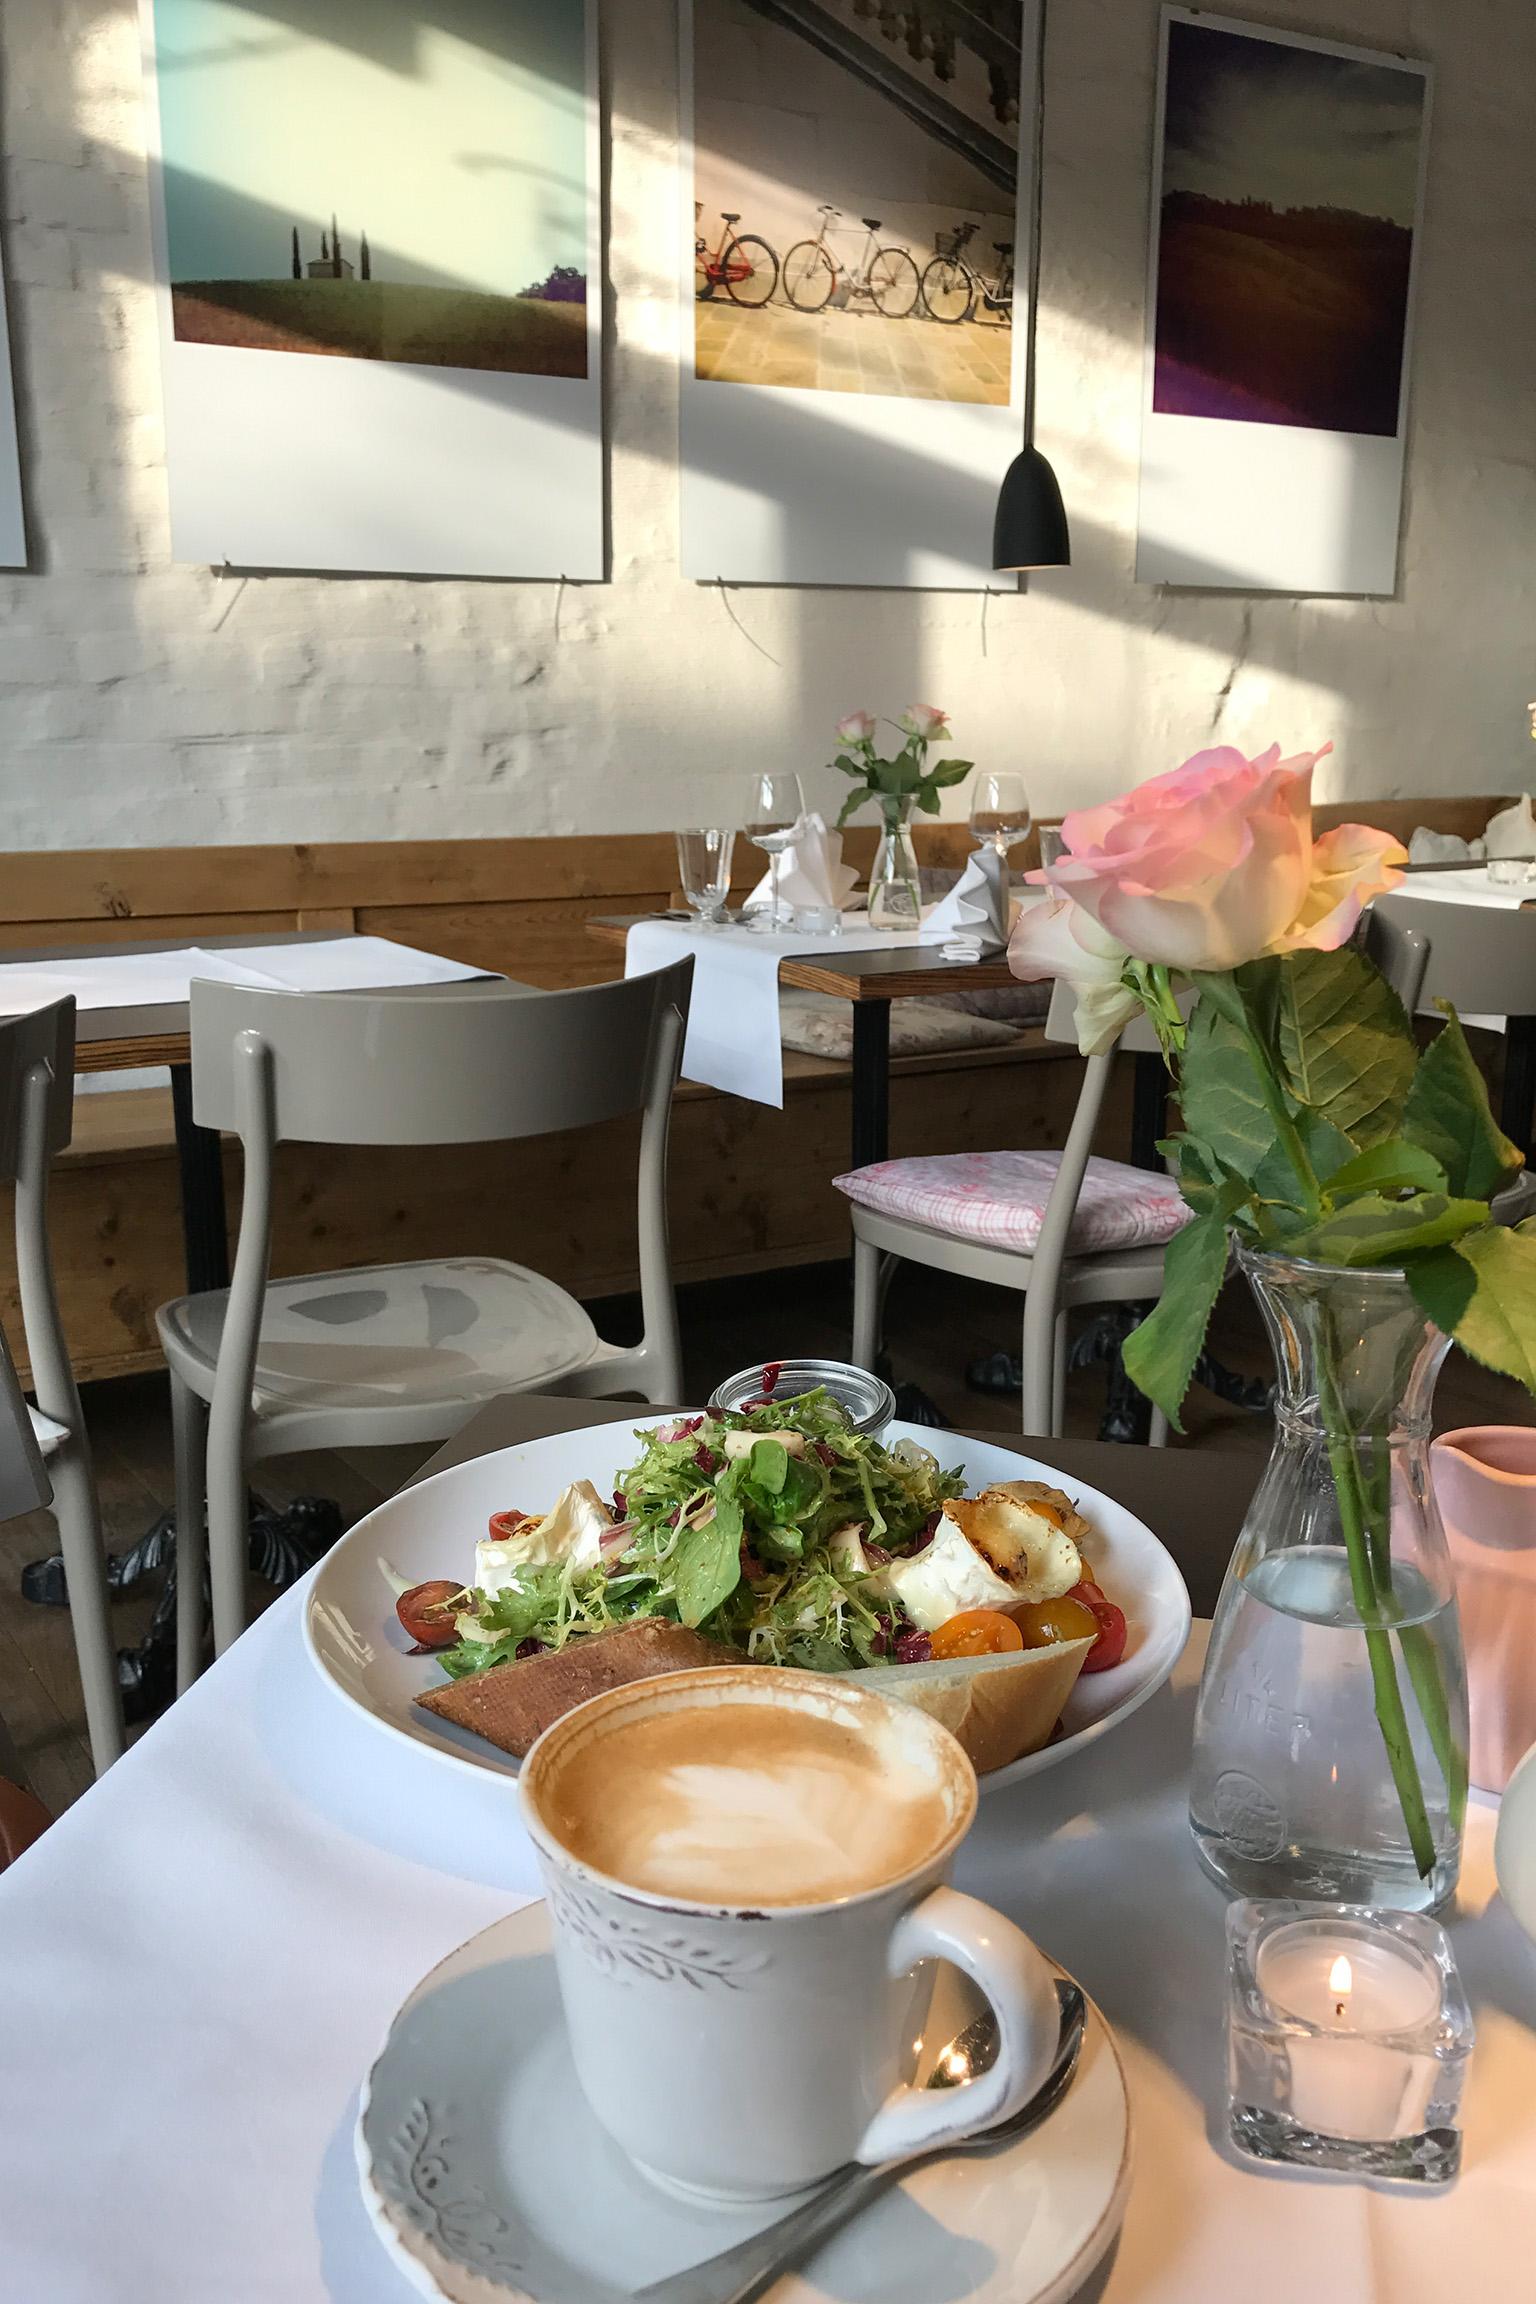 Erfurt in 24 erleben. Was essen, ansehen und wo relaxen?